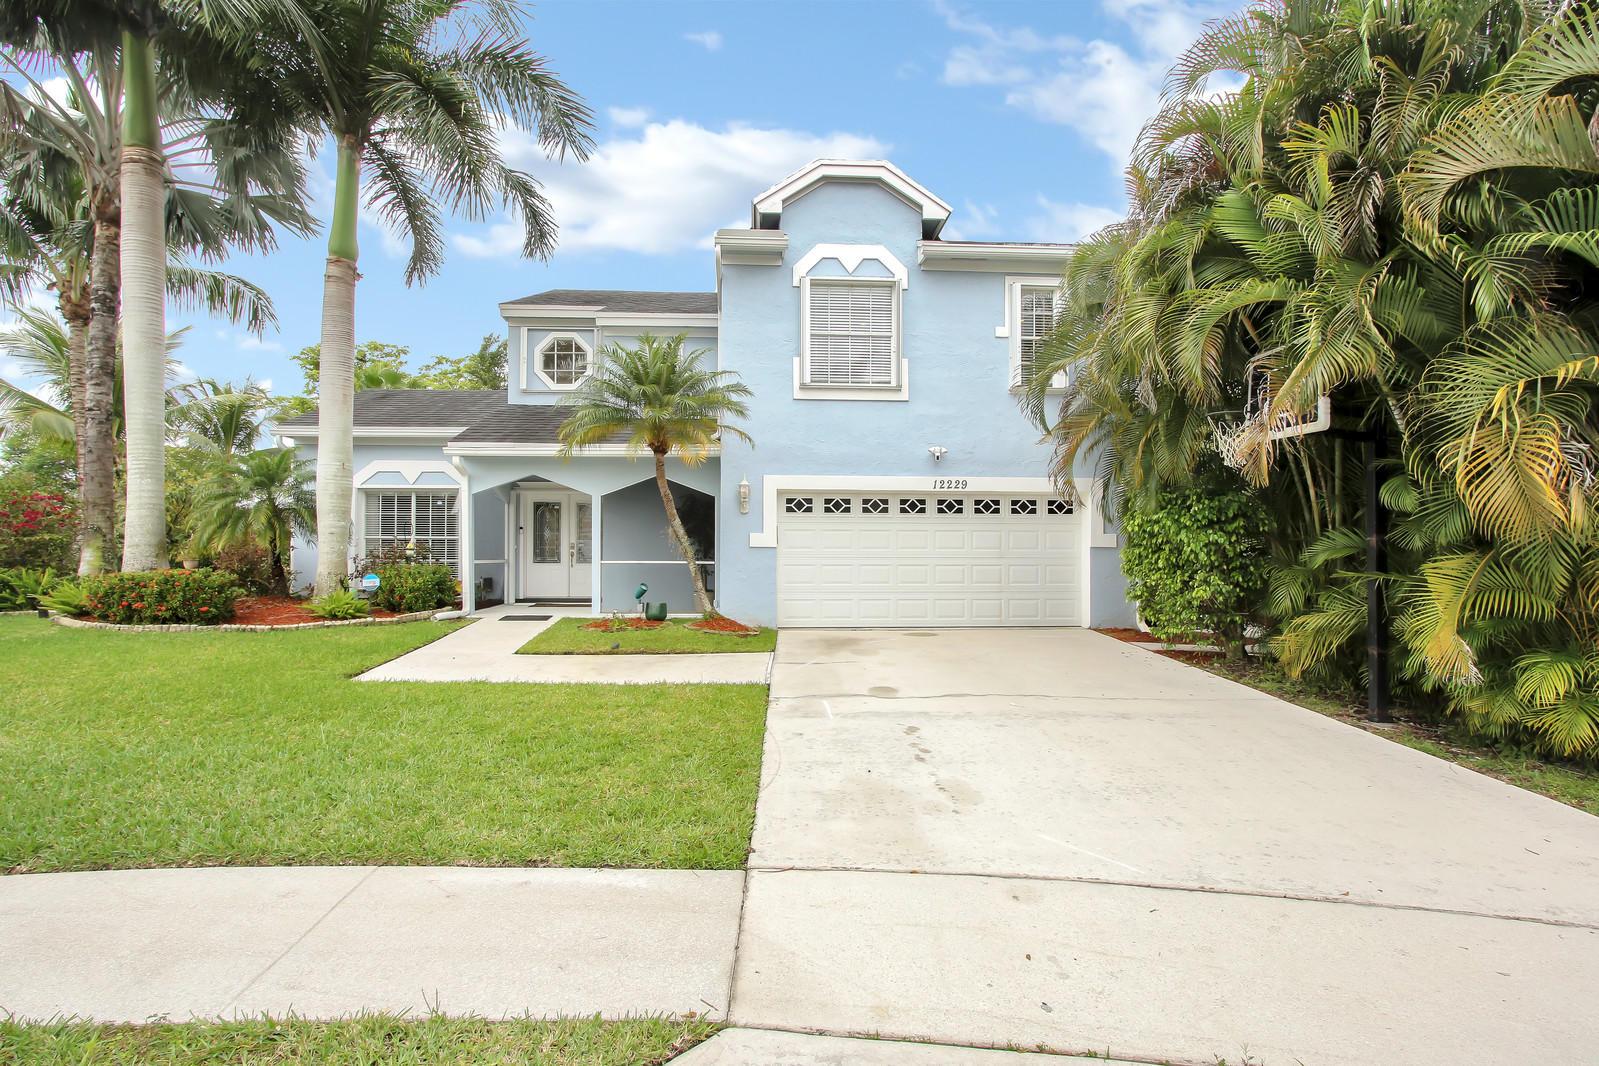 12229 Quilting Lane Boca Raton, FL 33428